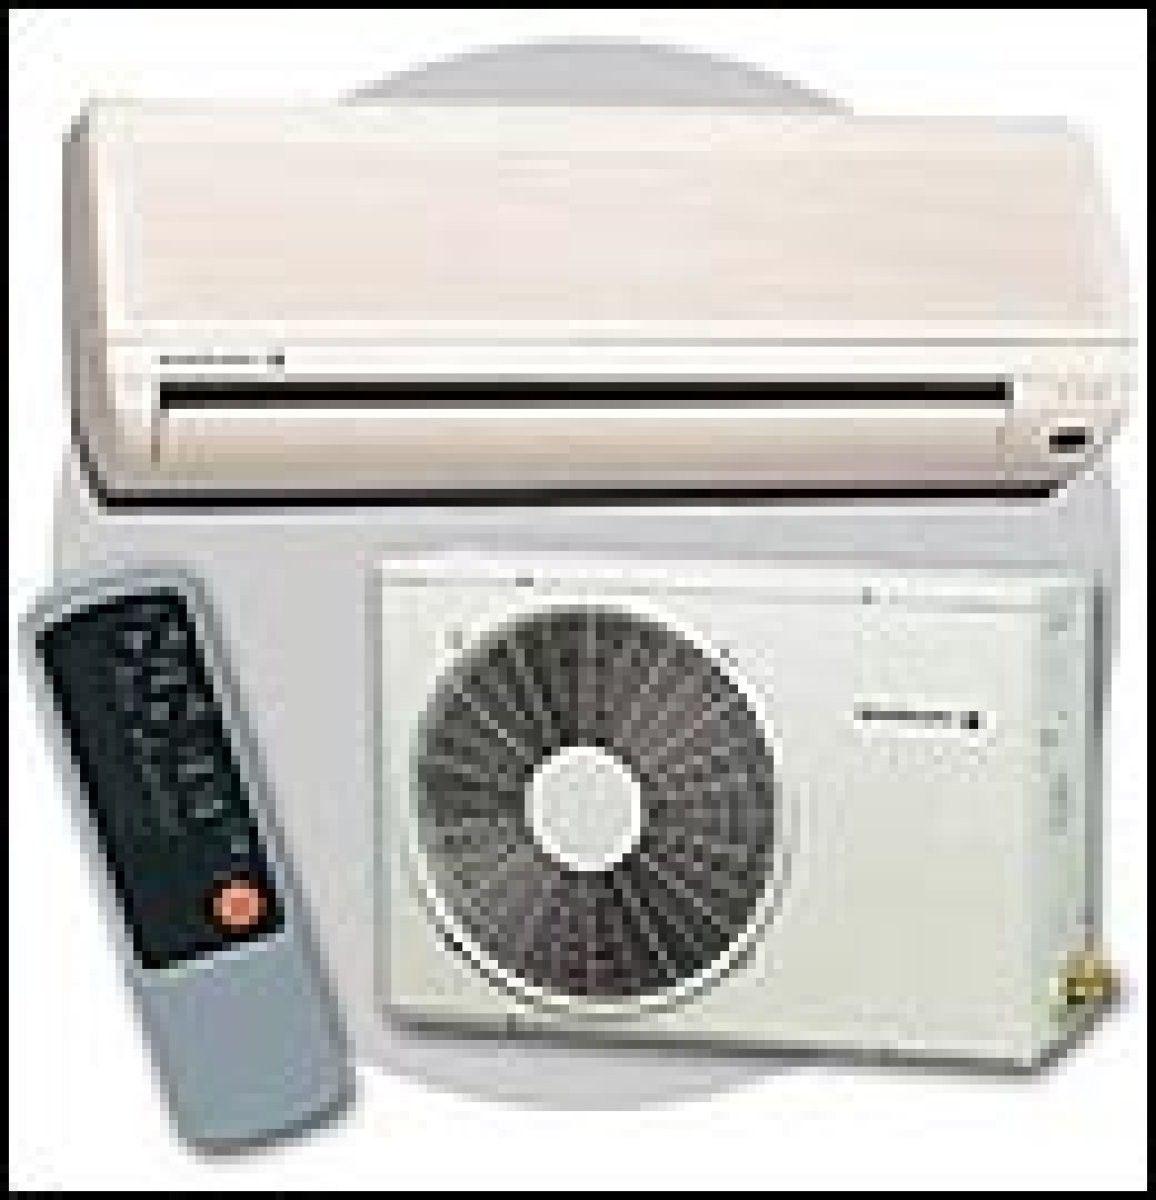 ¿Cómo funciona el aire acondicionado? Trucos para